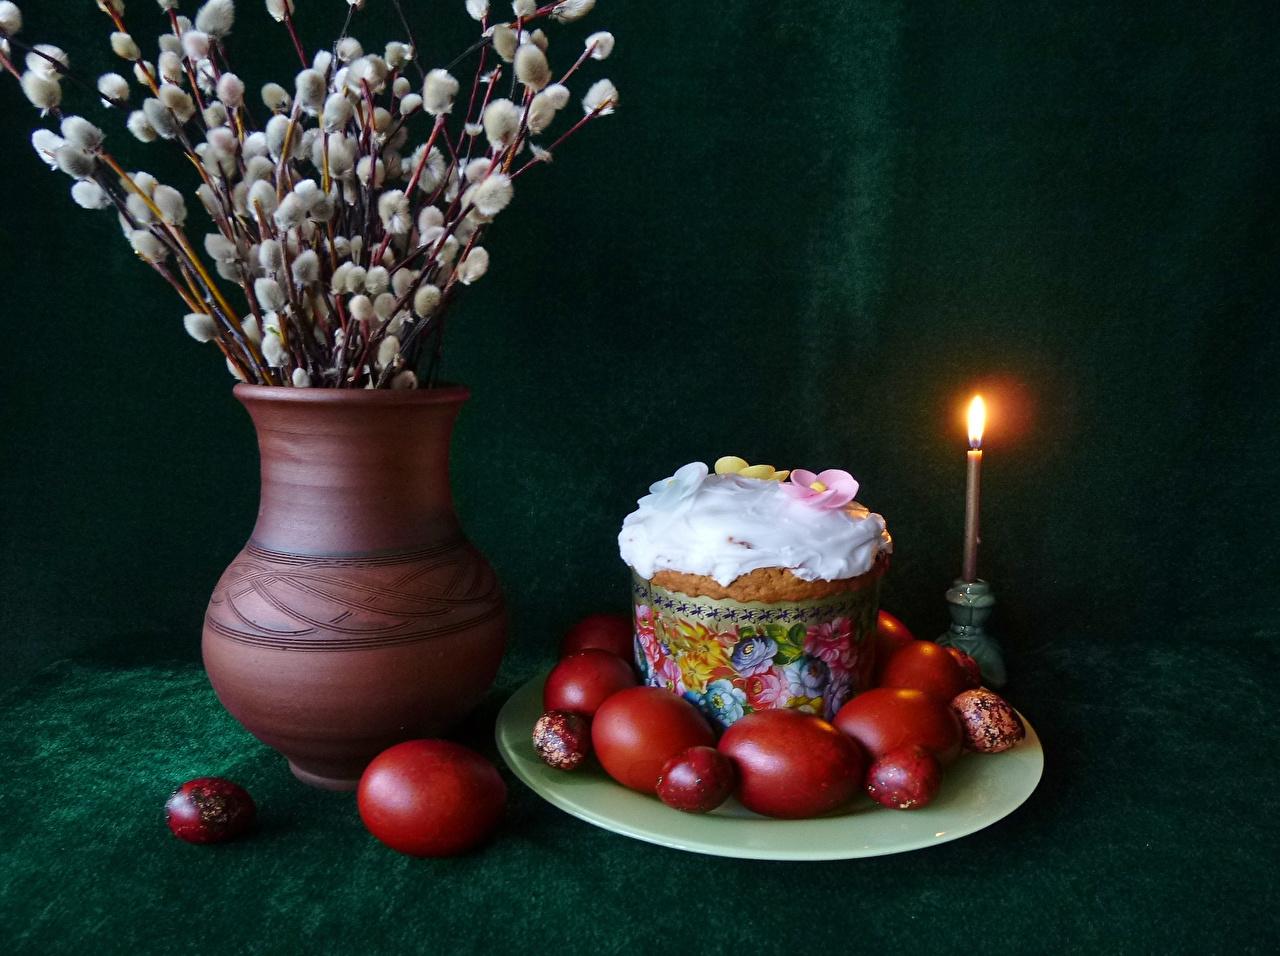 Через неделю после Вербного воскресенья украинцы празднуют Пасху.